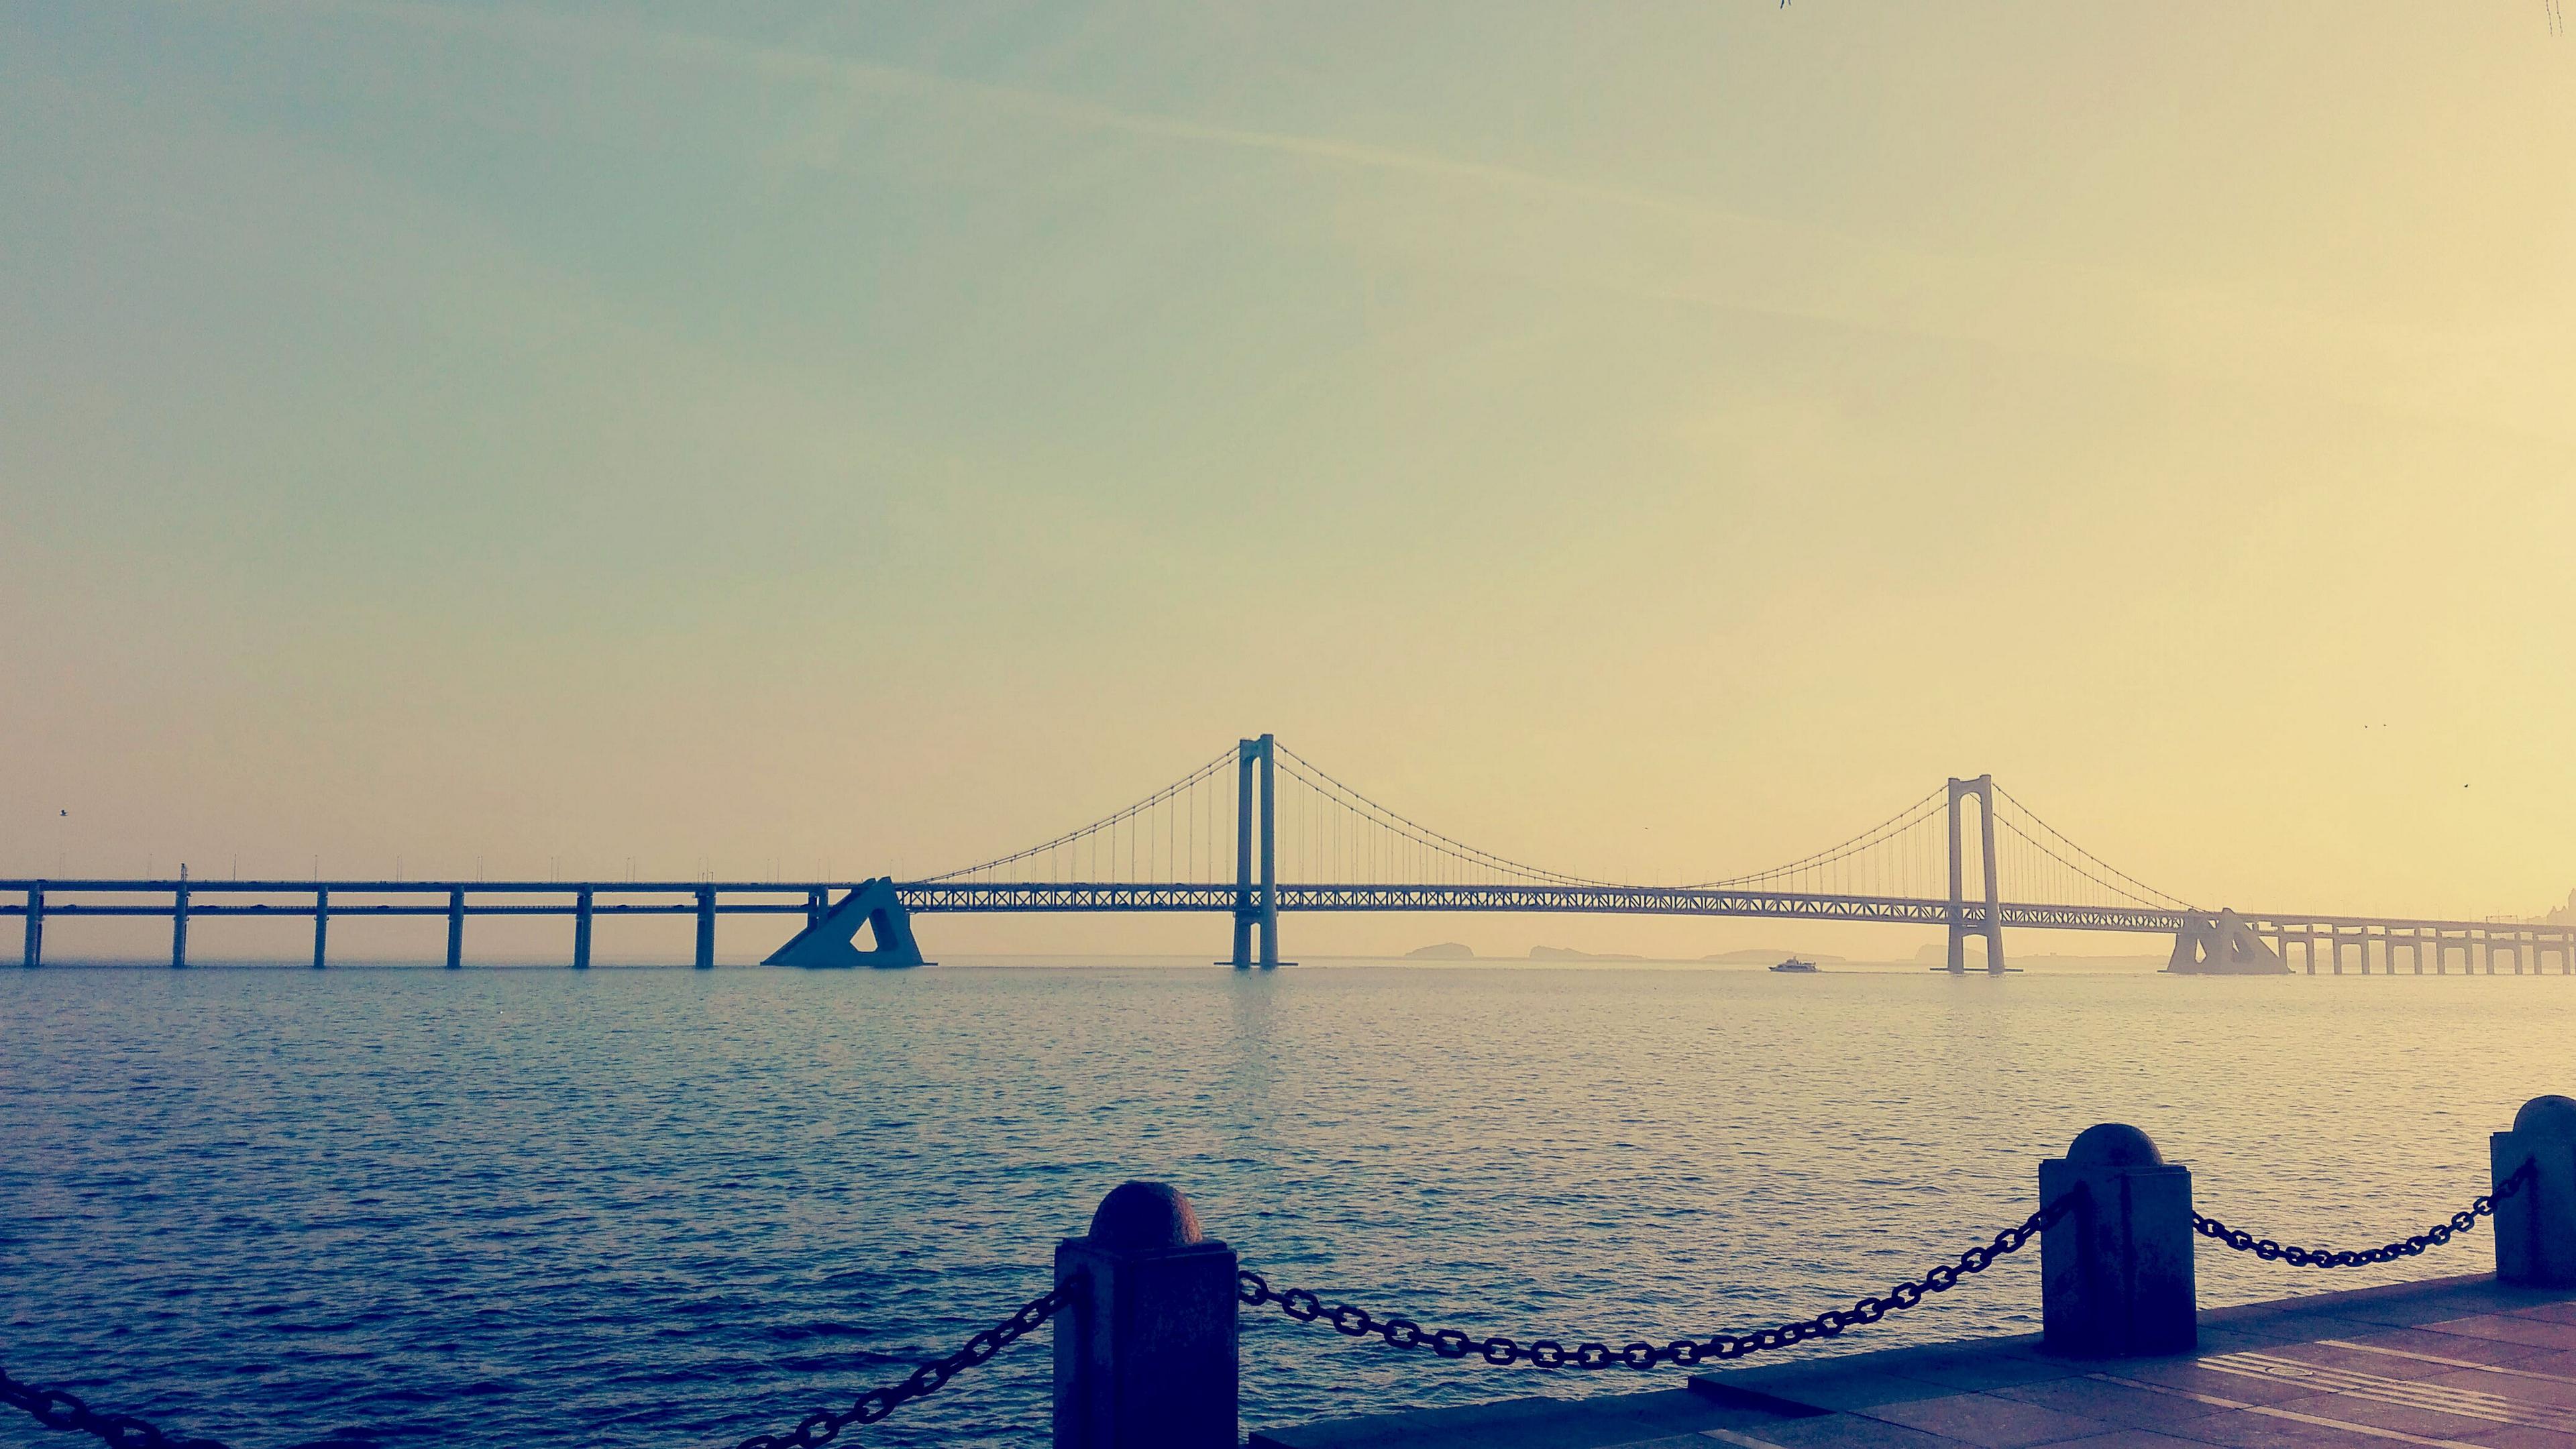 china dalian bridge bay sea 4k 1538064953 - china, dalian, bridge, bay, sea 4k - Dalian, China, bridge